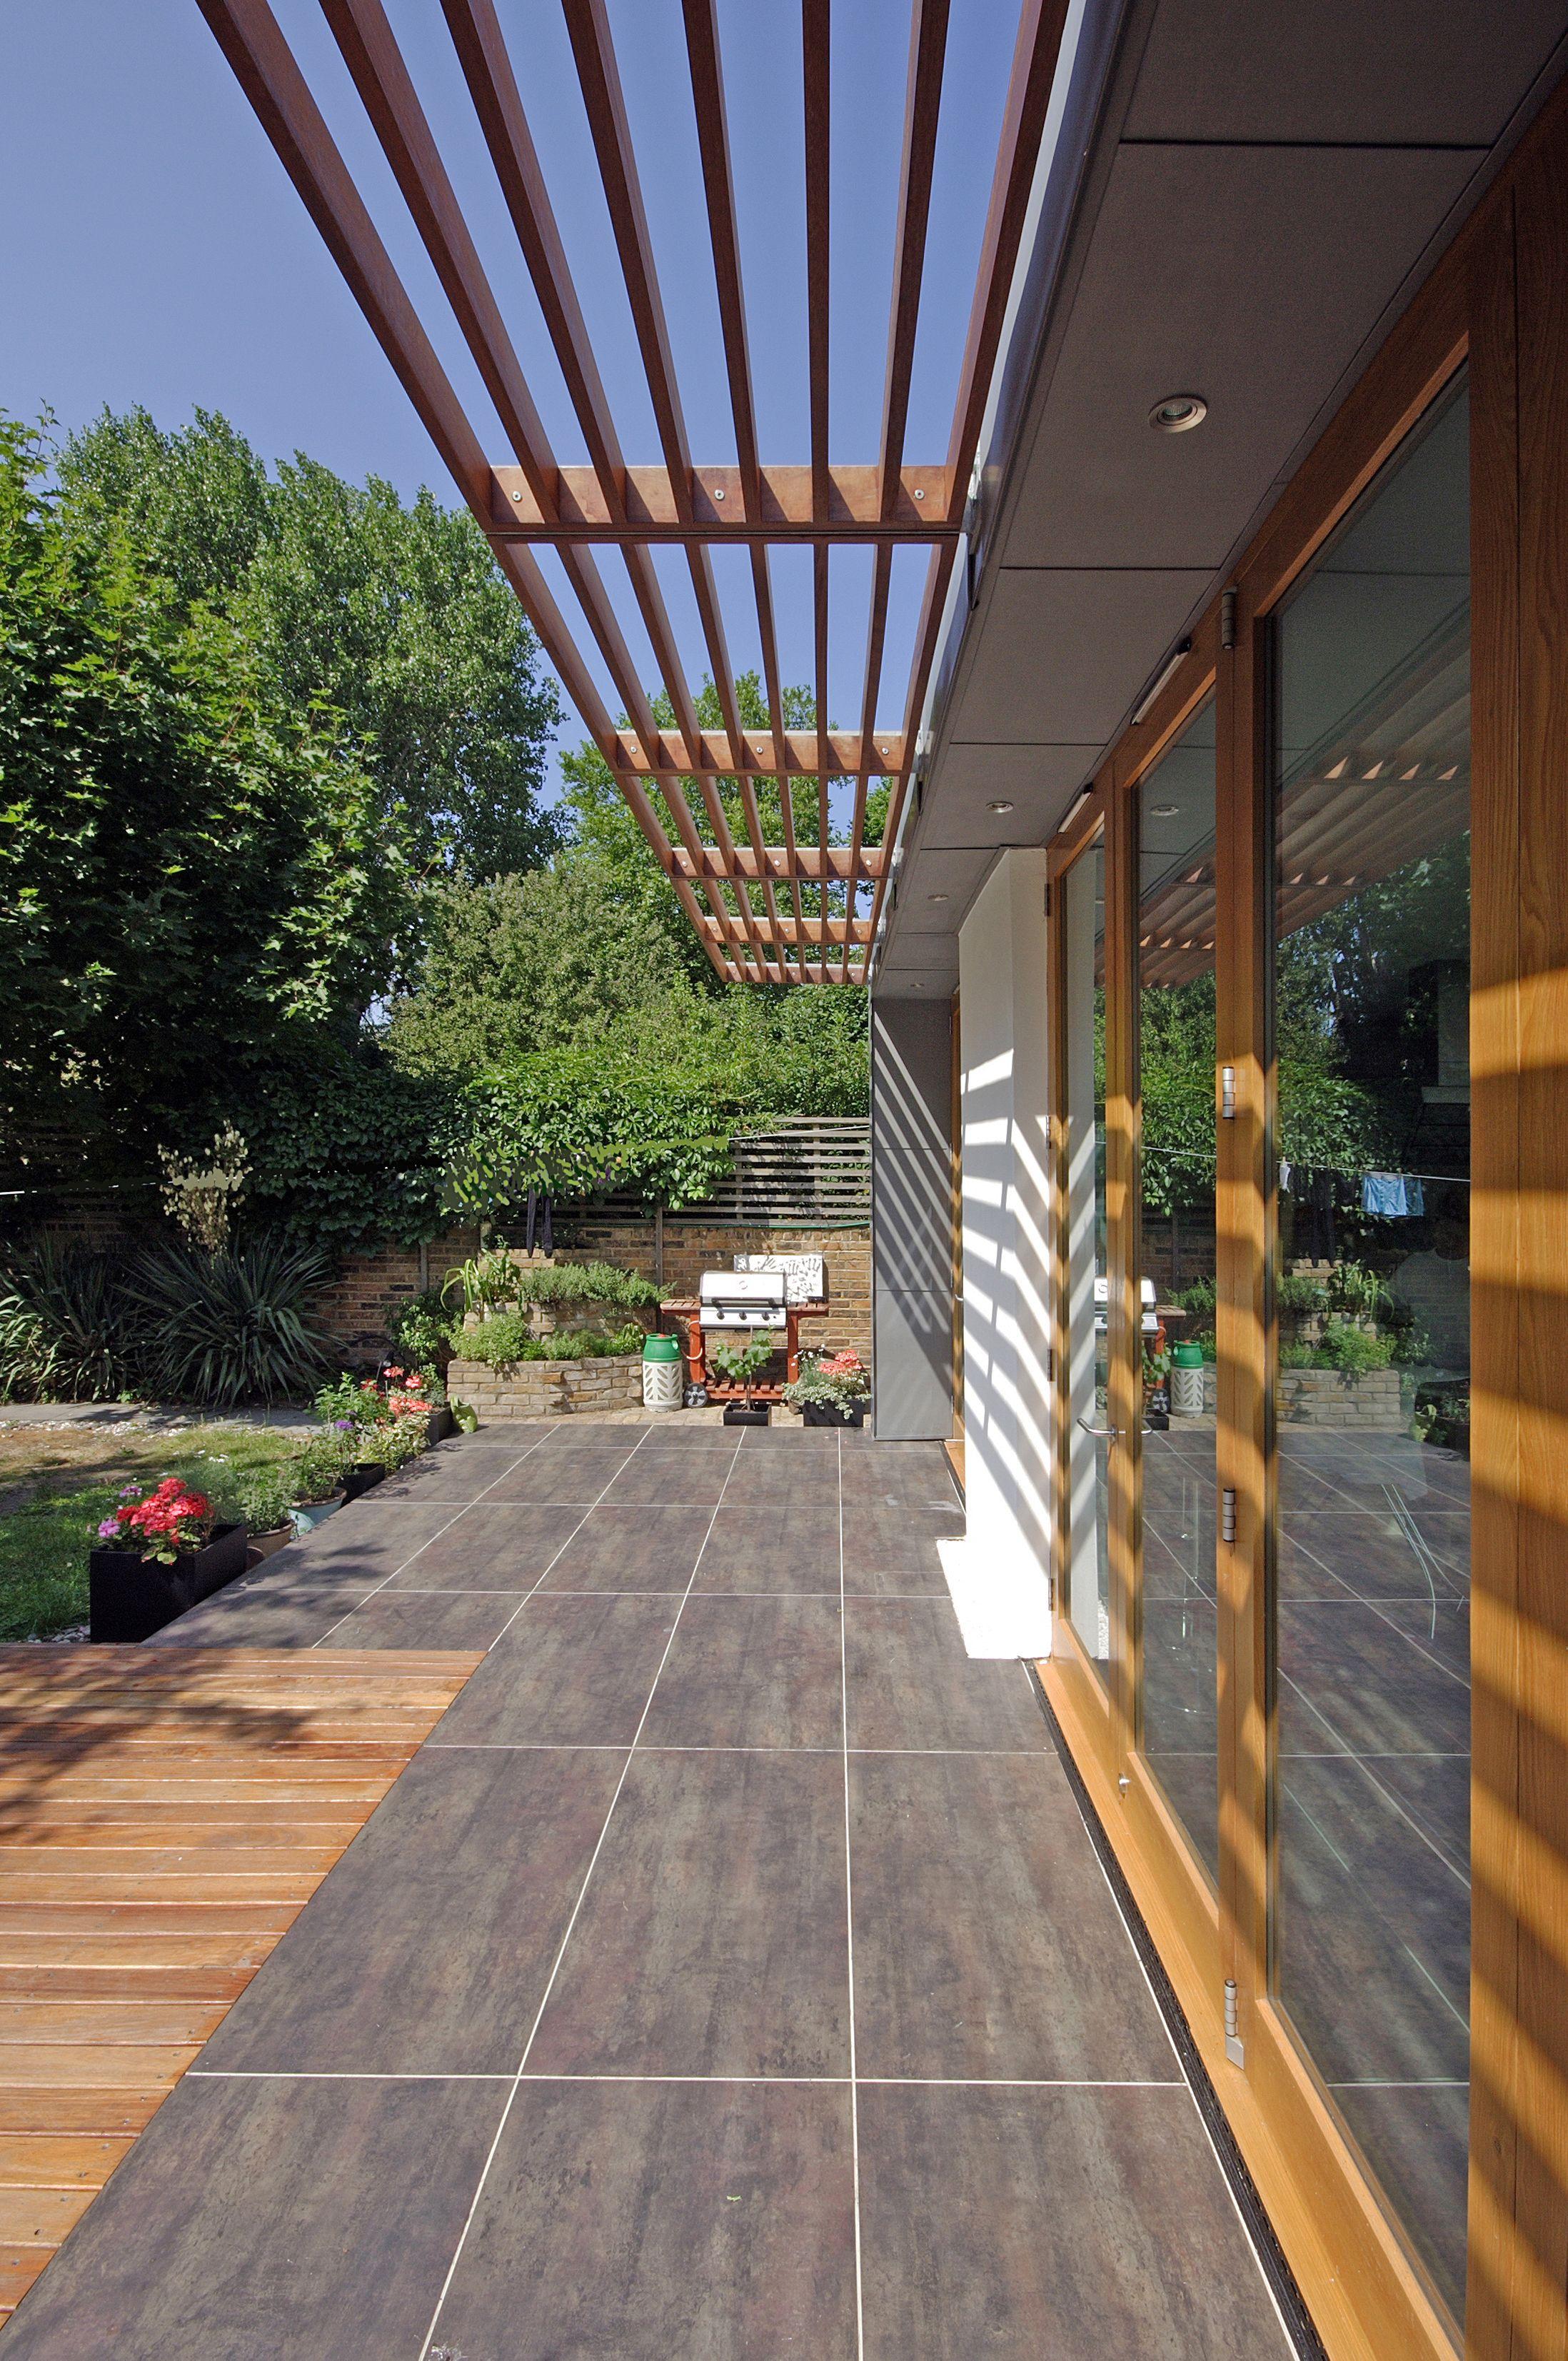 cf5779ec75c774ae030339b8b61e0c2c Luxe De Abri Terrasse Bois Des Idées